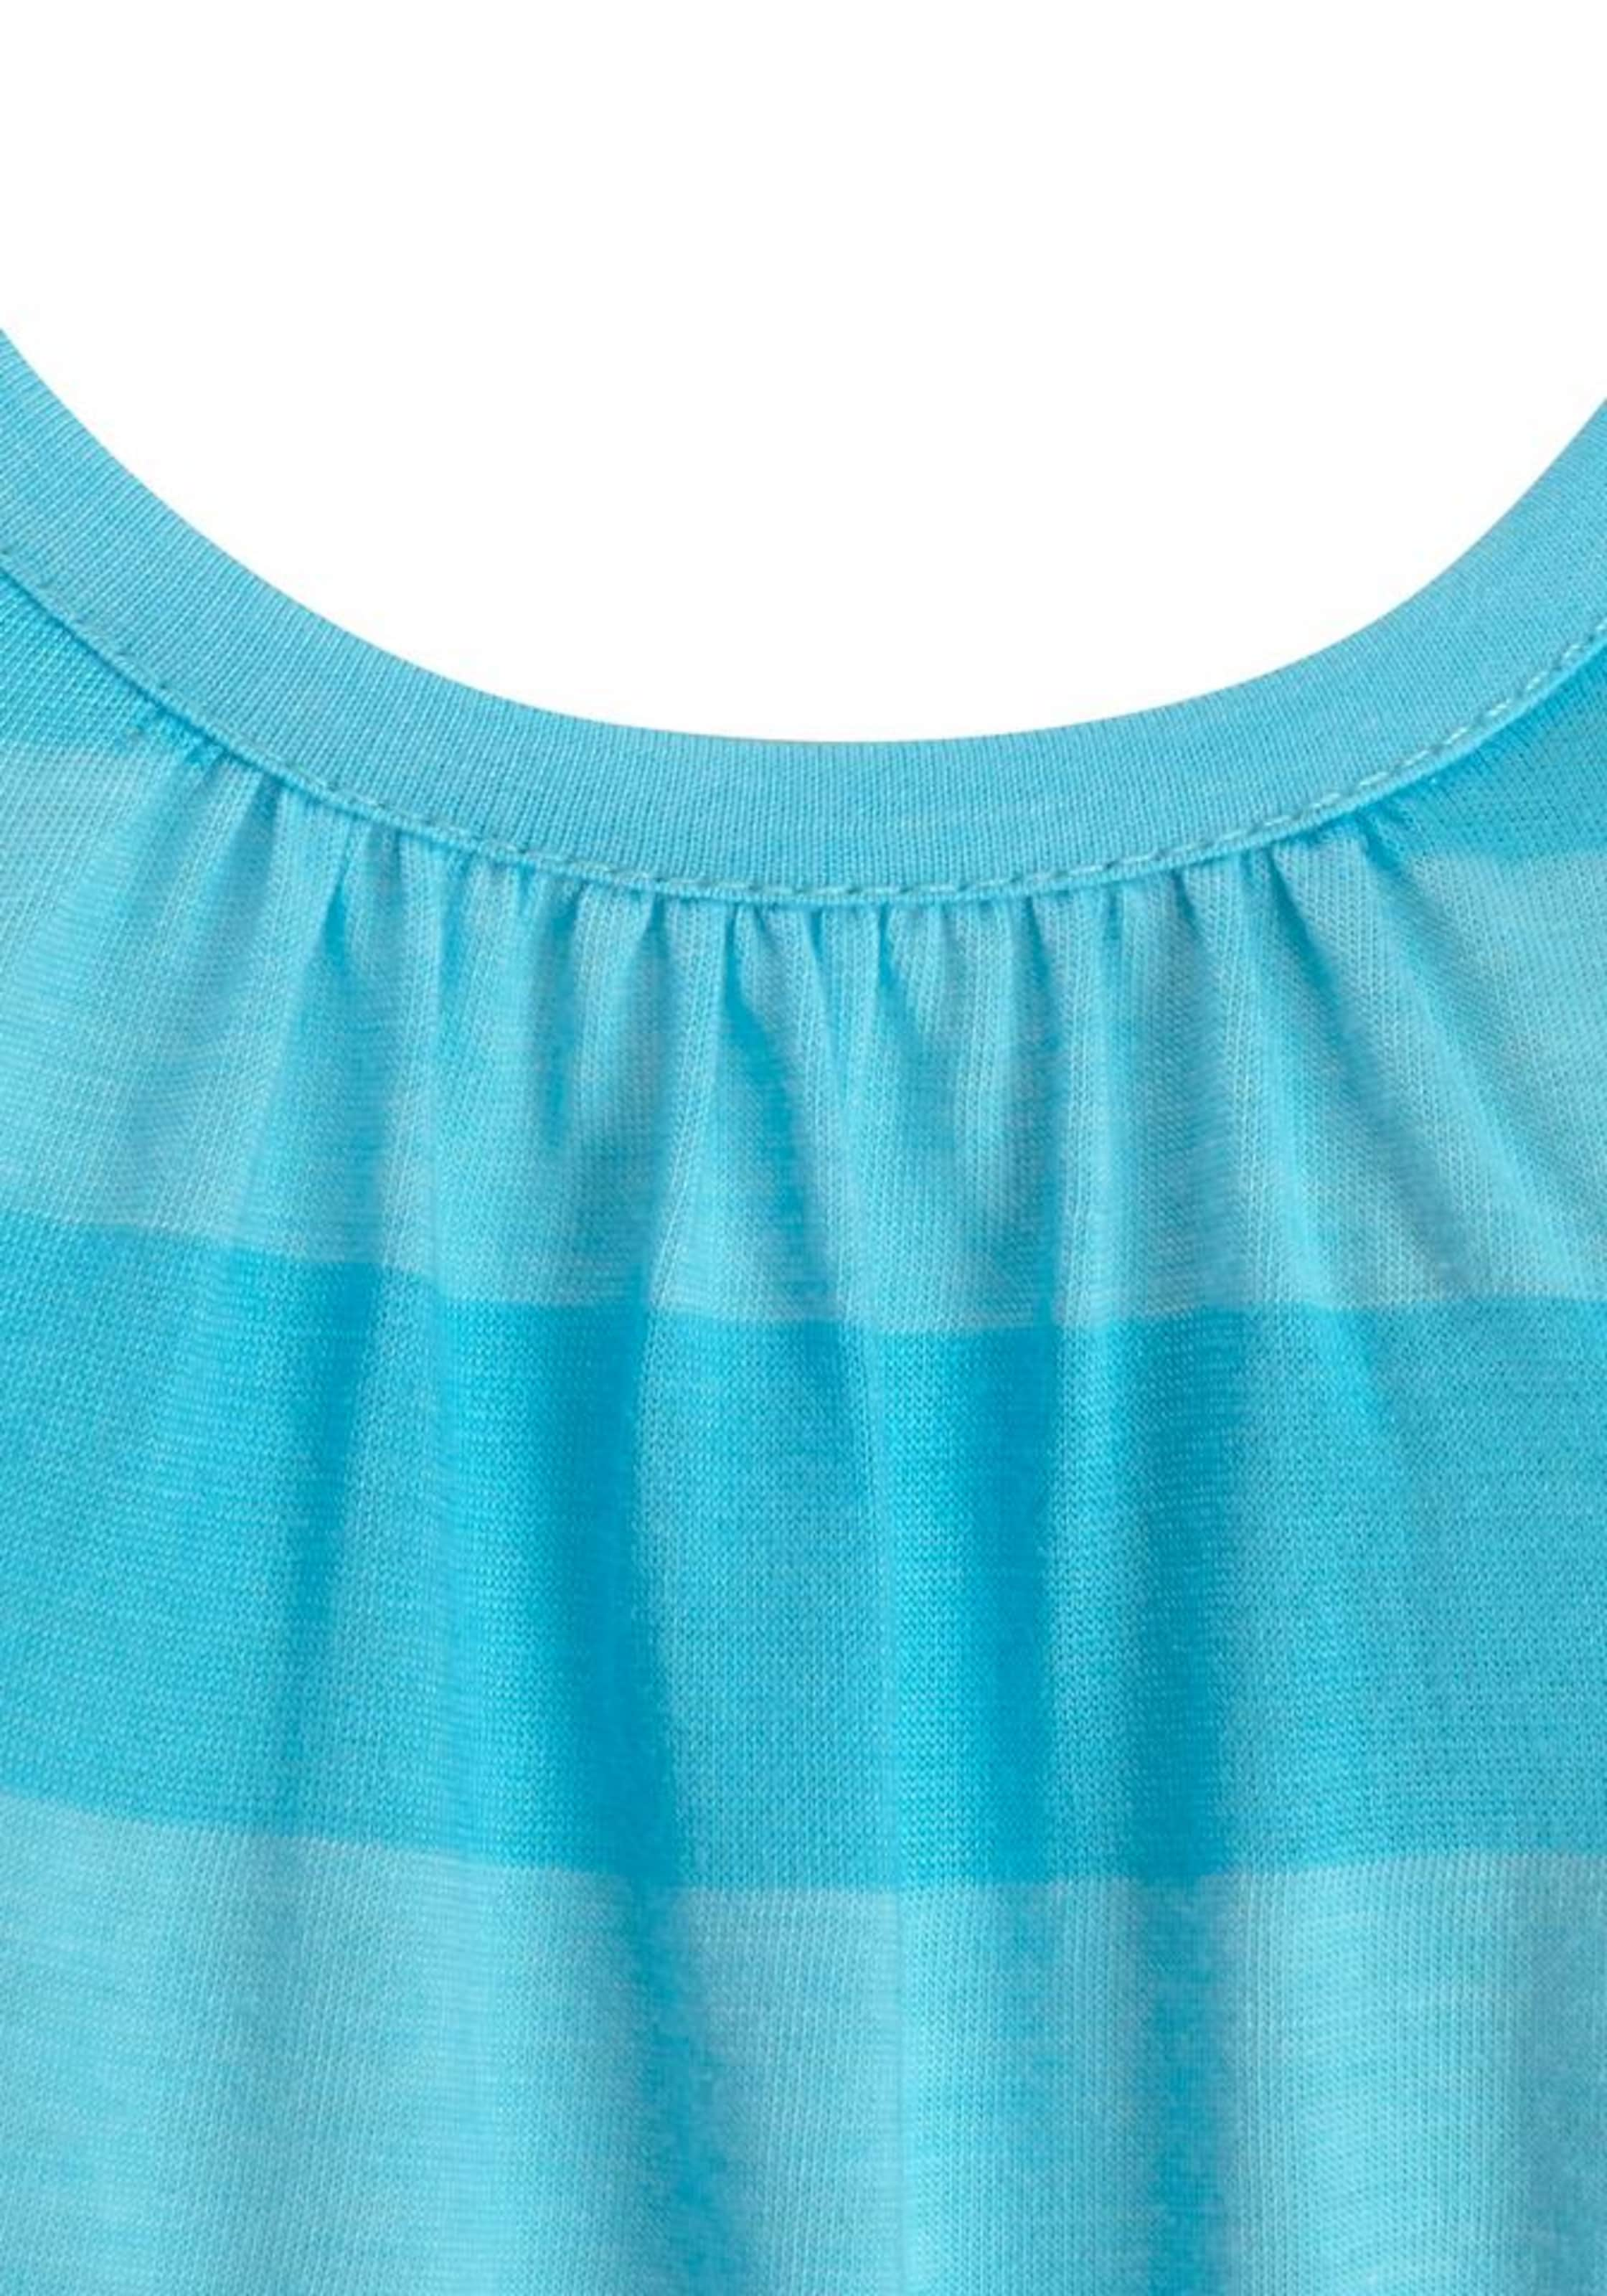 Günstig Kaufen Bestellen Günstige Austrittsstellen Neun Monate T-Shirt ton-in-ton geringelt Rabatt Finden Große Frei Verschiffen Angebot 5bqp4LnnRr